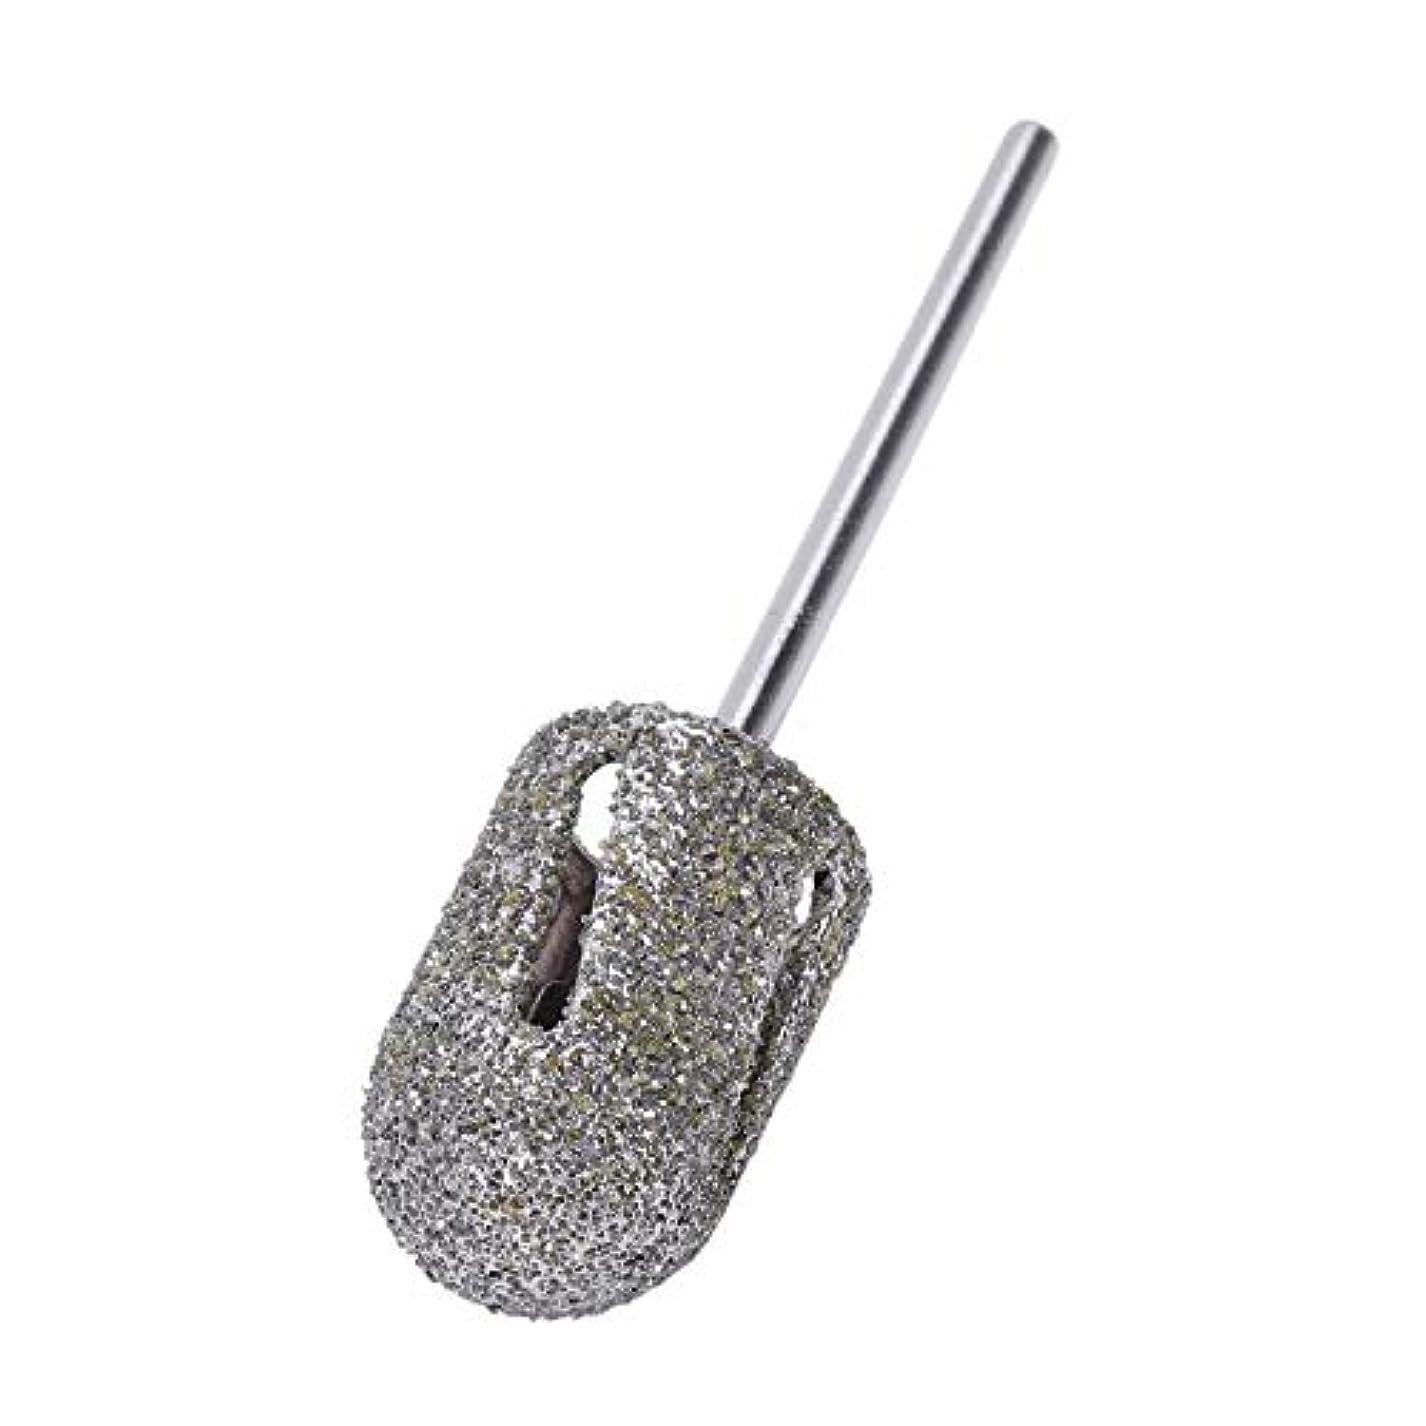 不一致殺します脱走Vaorwne ダイヤモンドドリルビットロータリー フットキューティクルクリーン マニキュアペディキュアツール ドリルアクセサリー ネイルミルズ-1